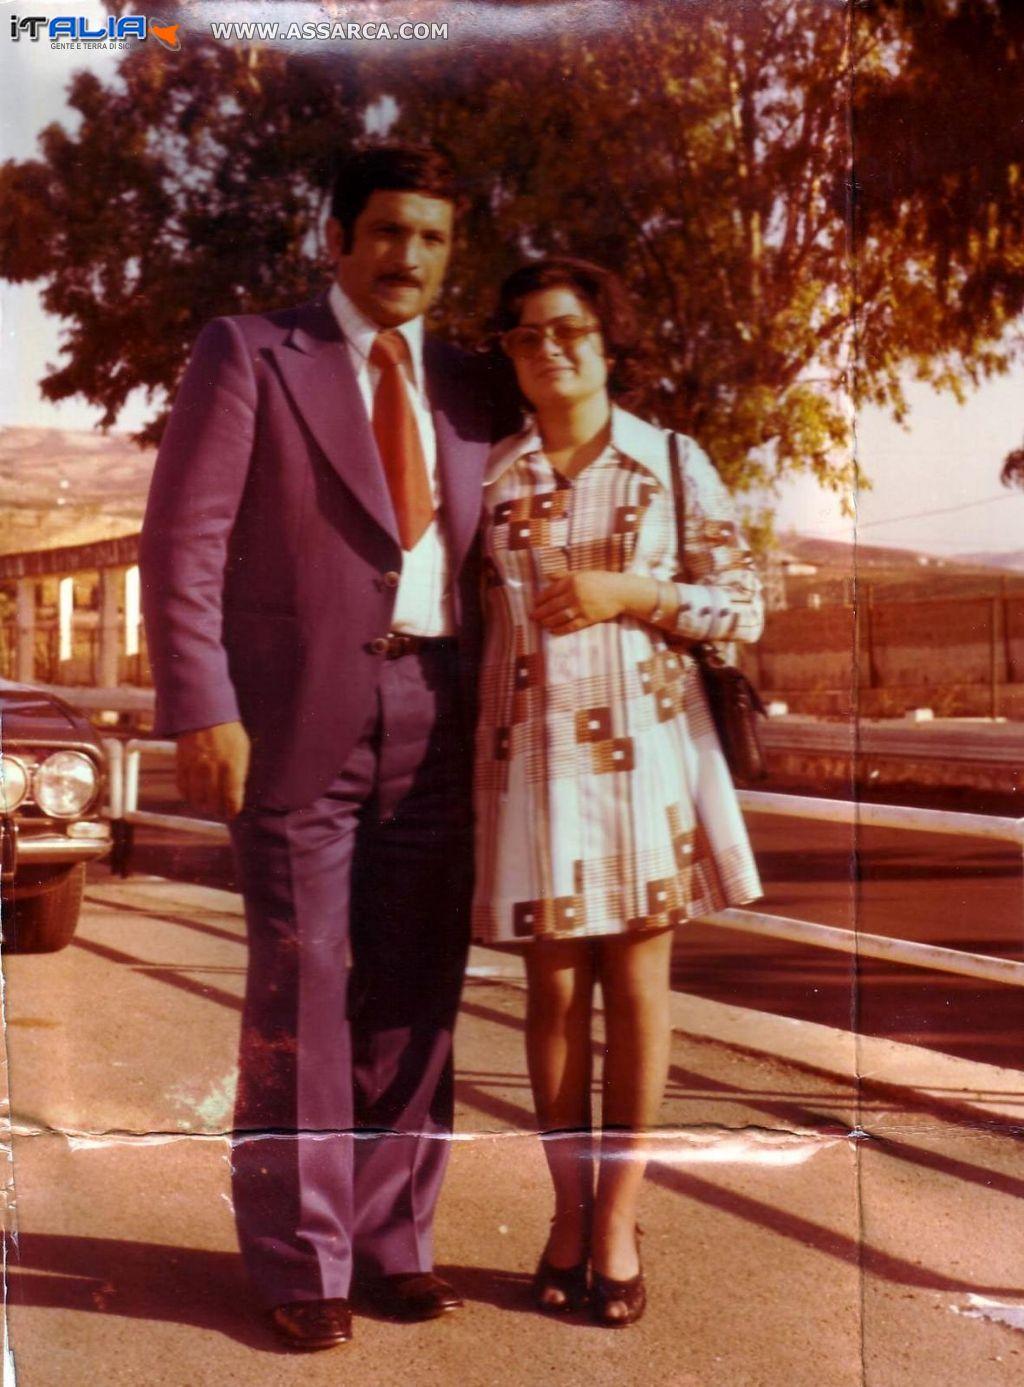 Liberti Nunzia & Notaro Giuseppe - 10/09/1975